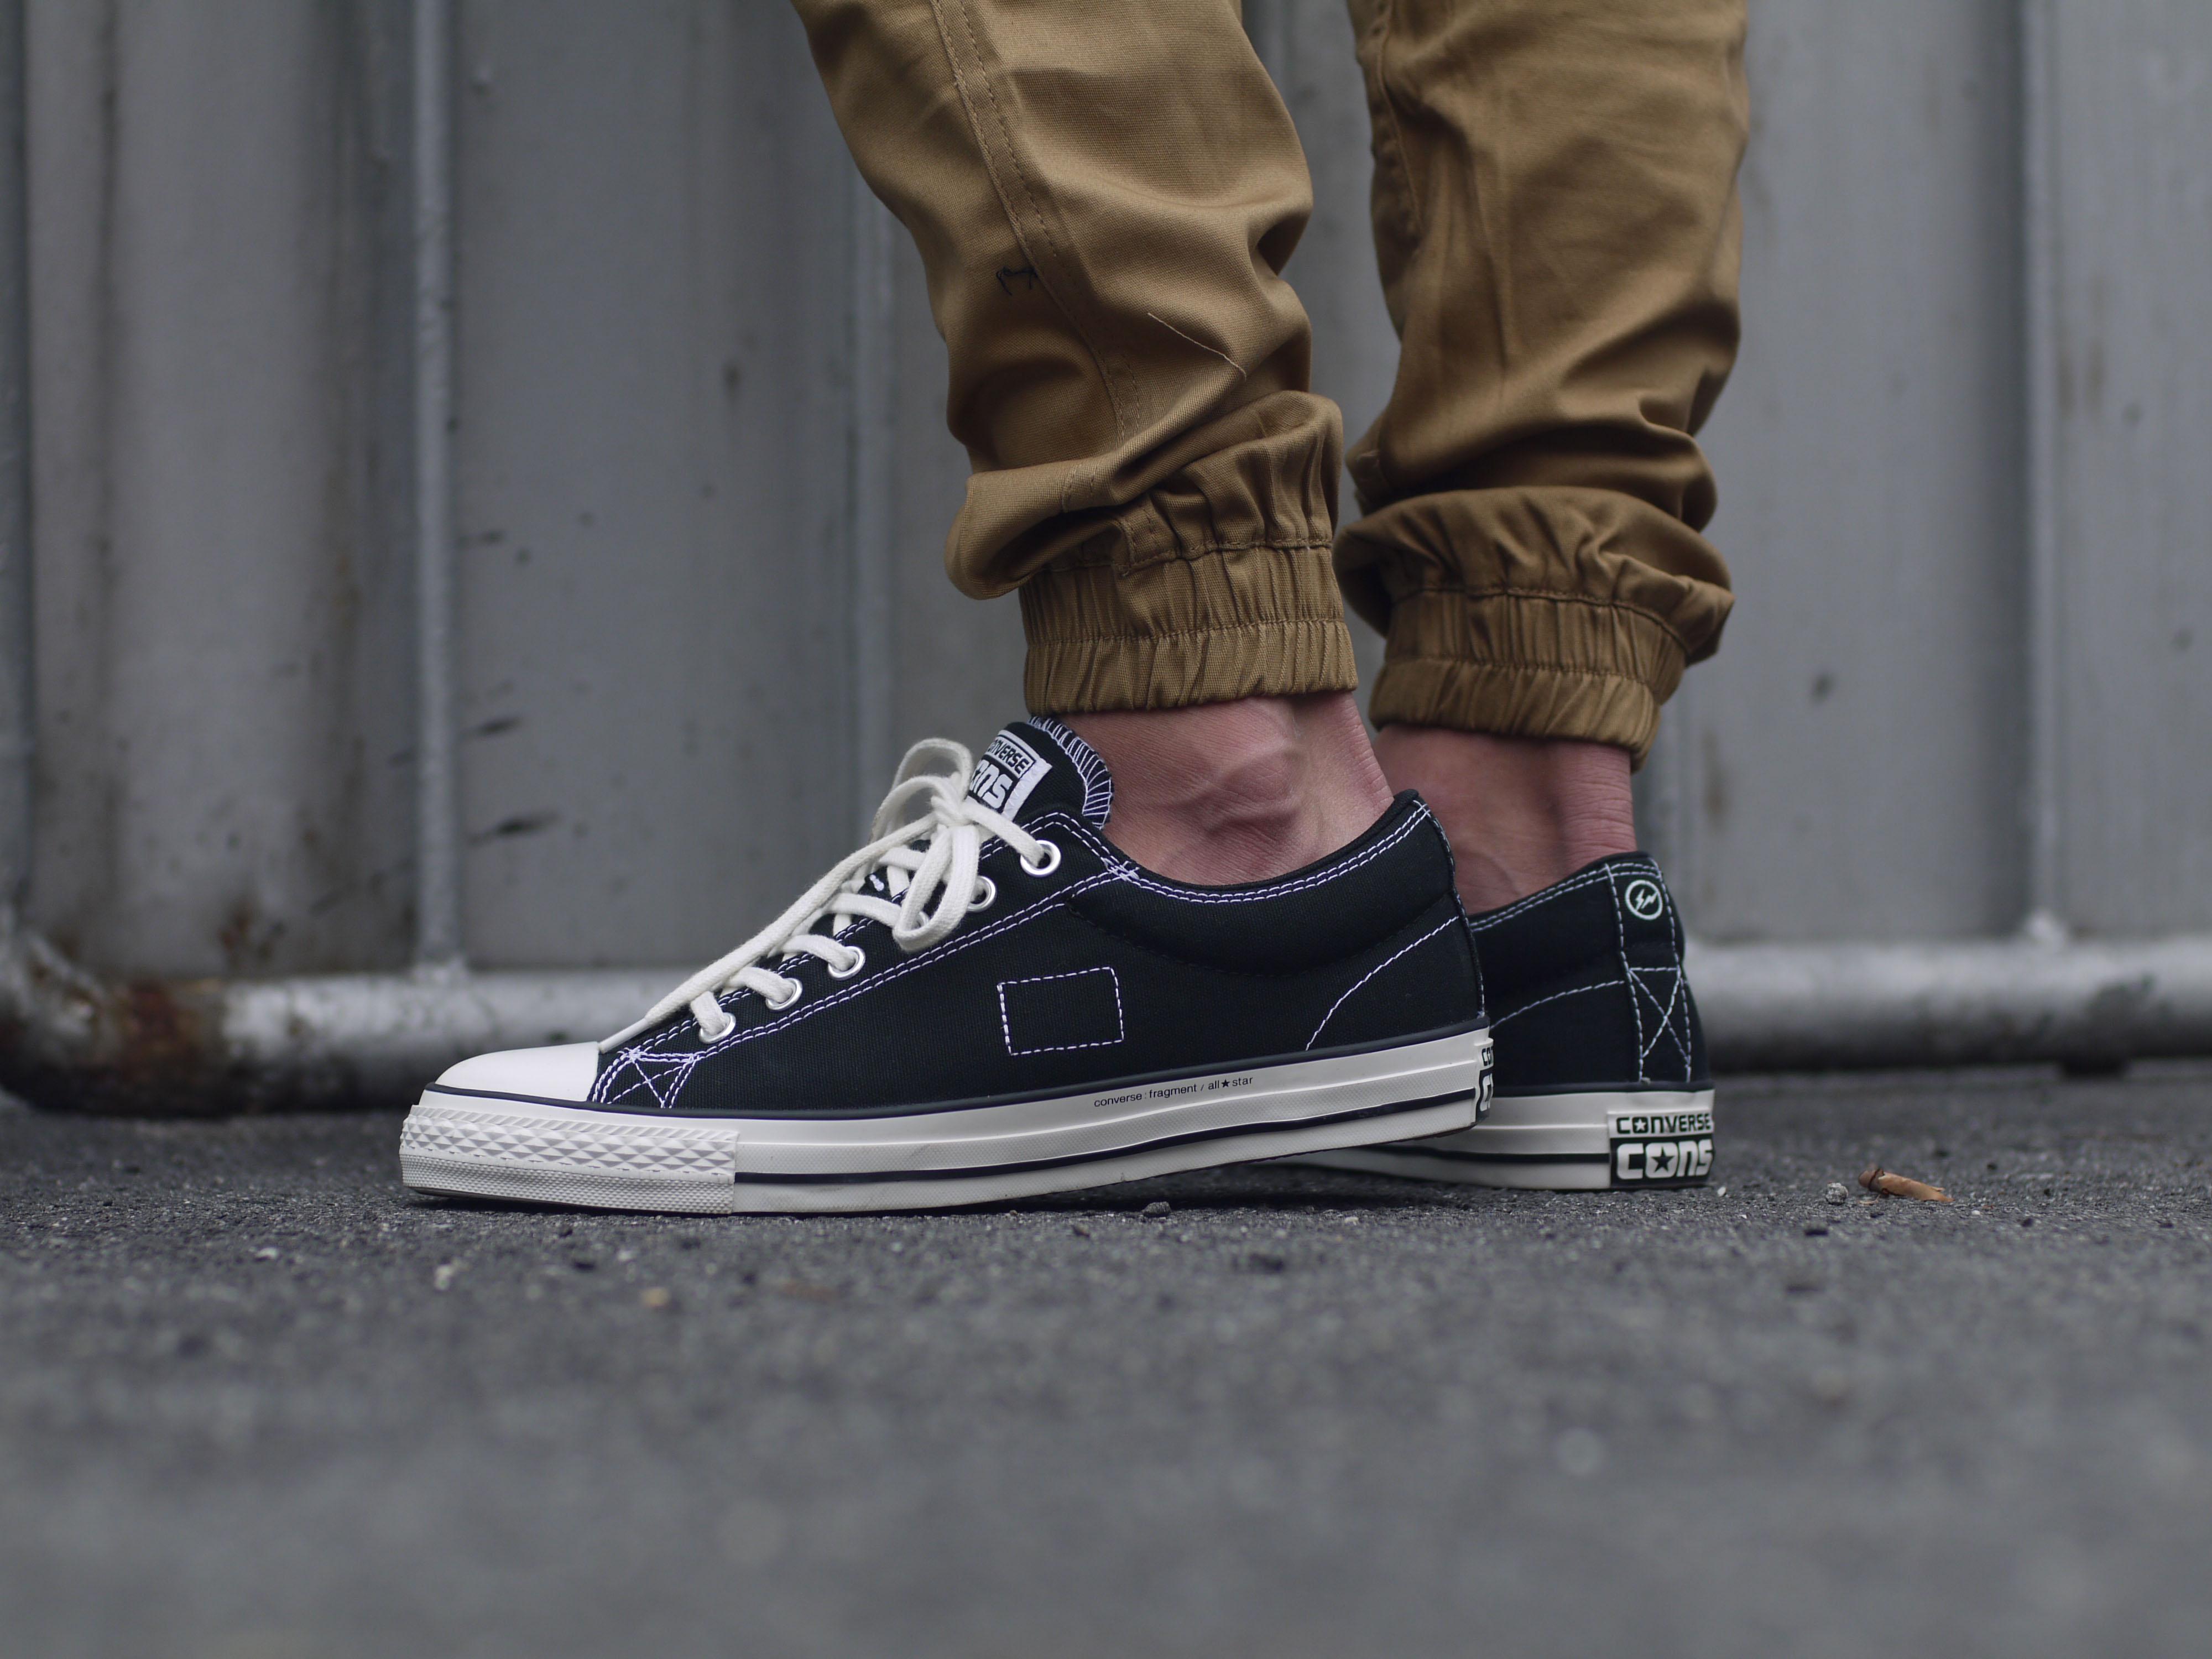 Converse footjob